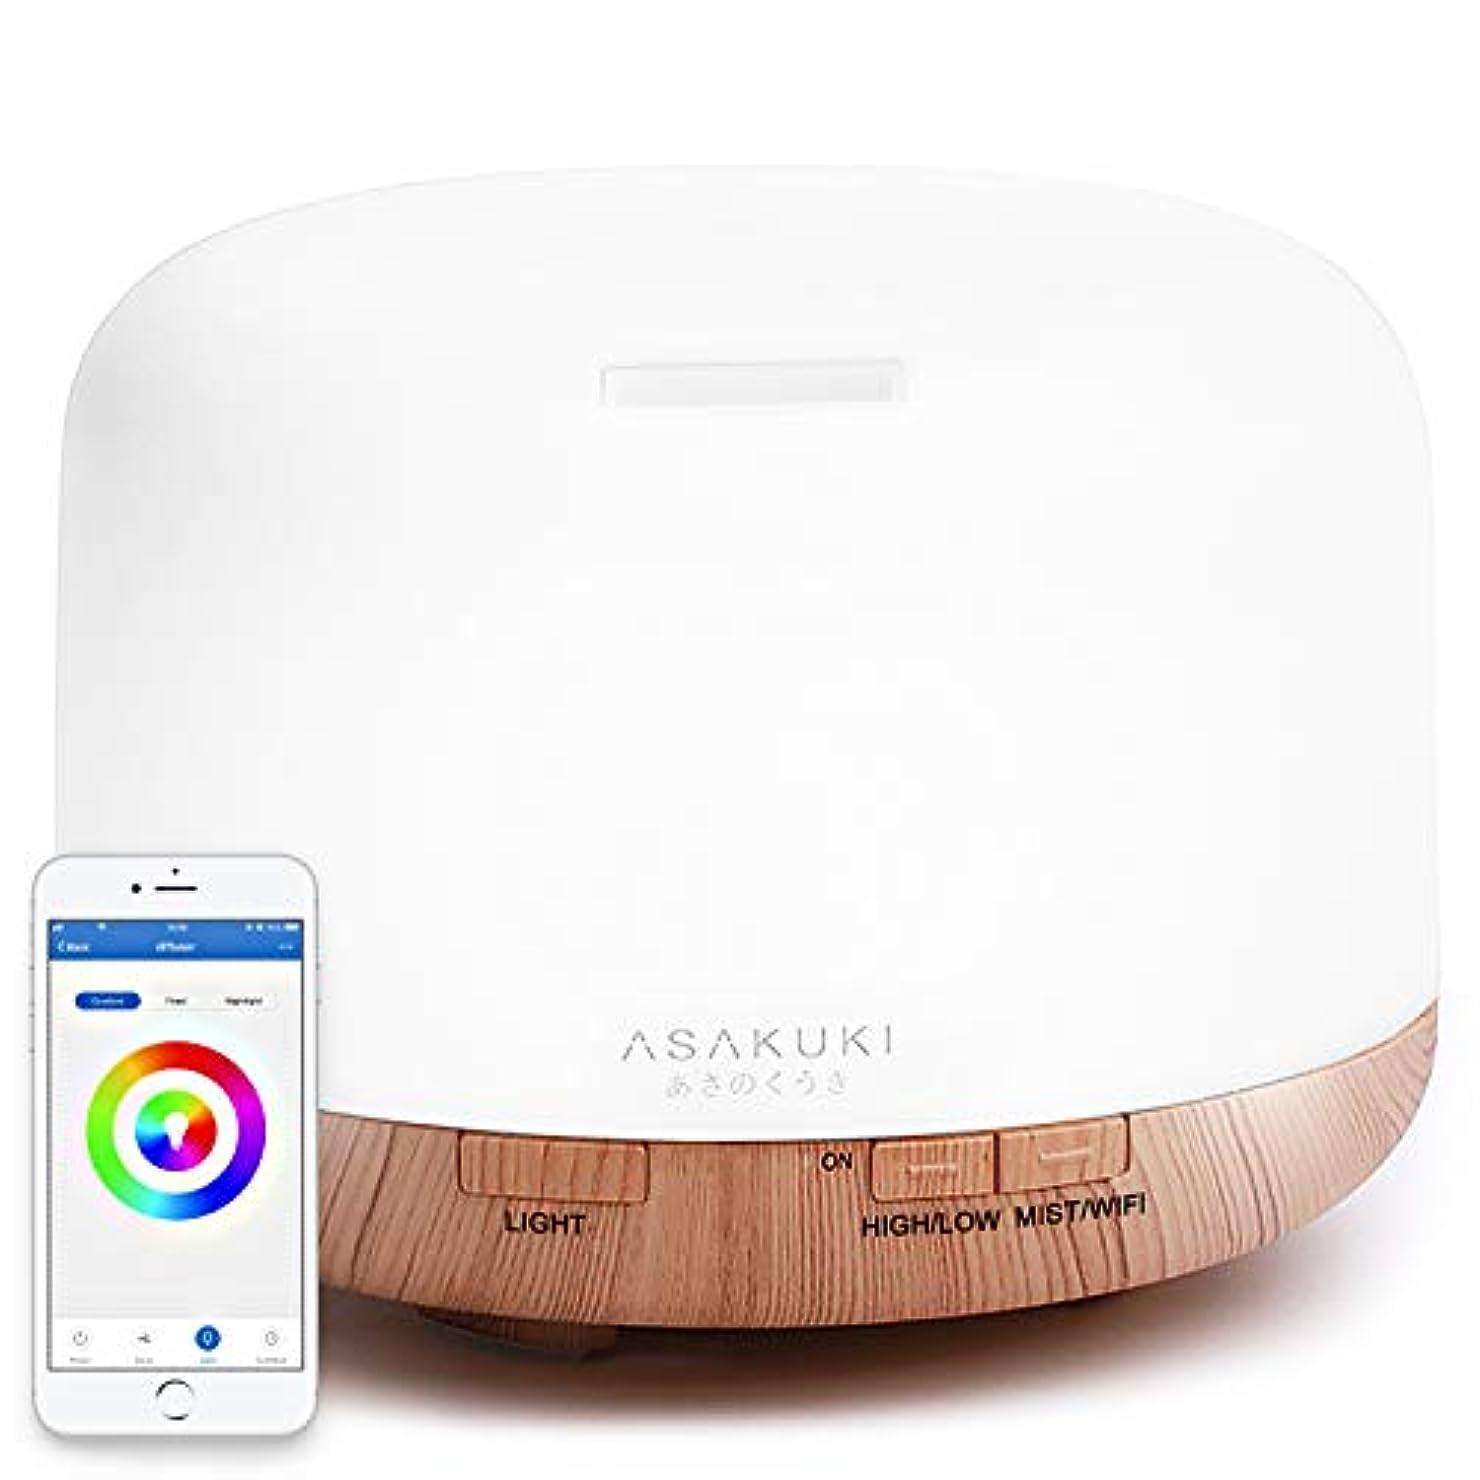 作家ラショナル必要性ASAKUKI ベッドルーム、オフィス、より良い睡眠&呼吸 雰囲気を緩和するアレクサ2019アップグレード設計500ミリリットルアロマ加湿器と互換性 あるスマート -エッセンシャルオイルディフューザーアプリ制御 標準 2018アップグレードバージョン